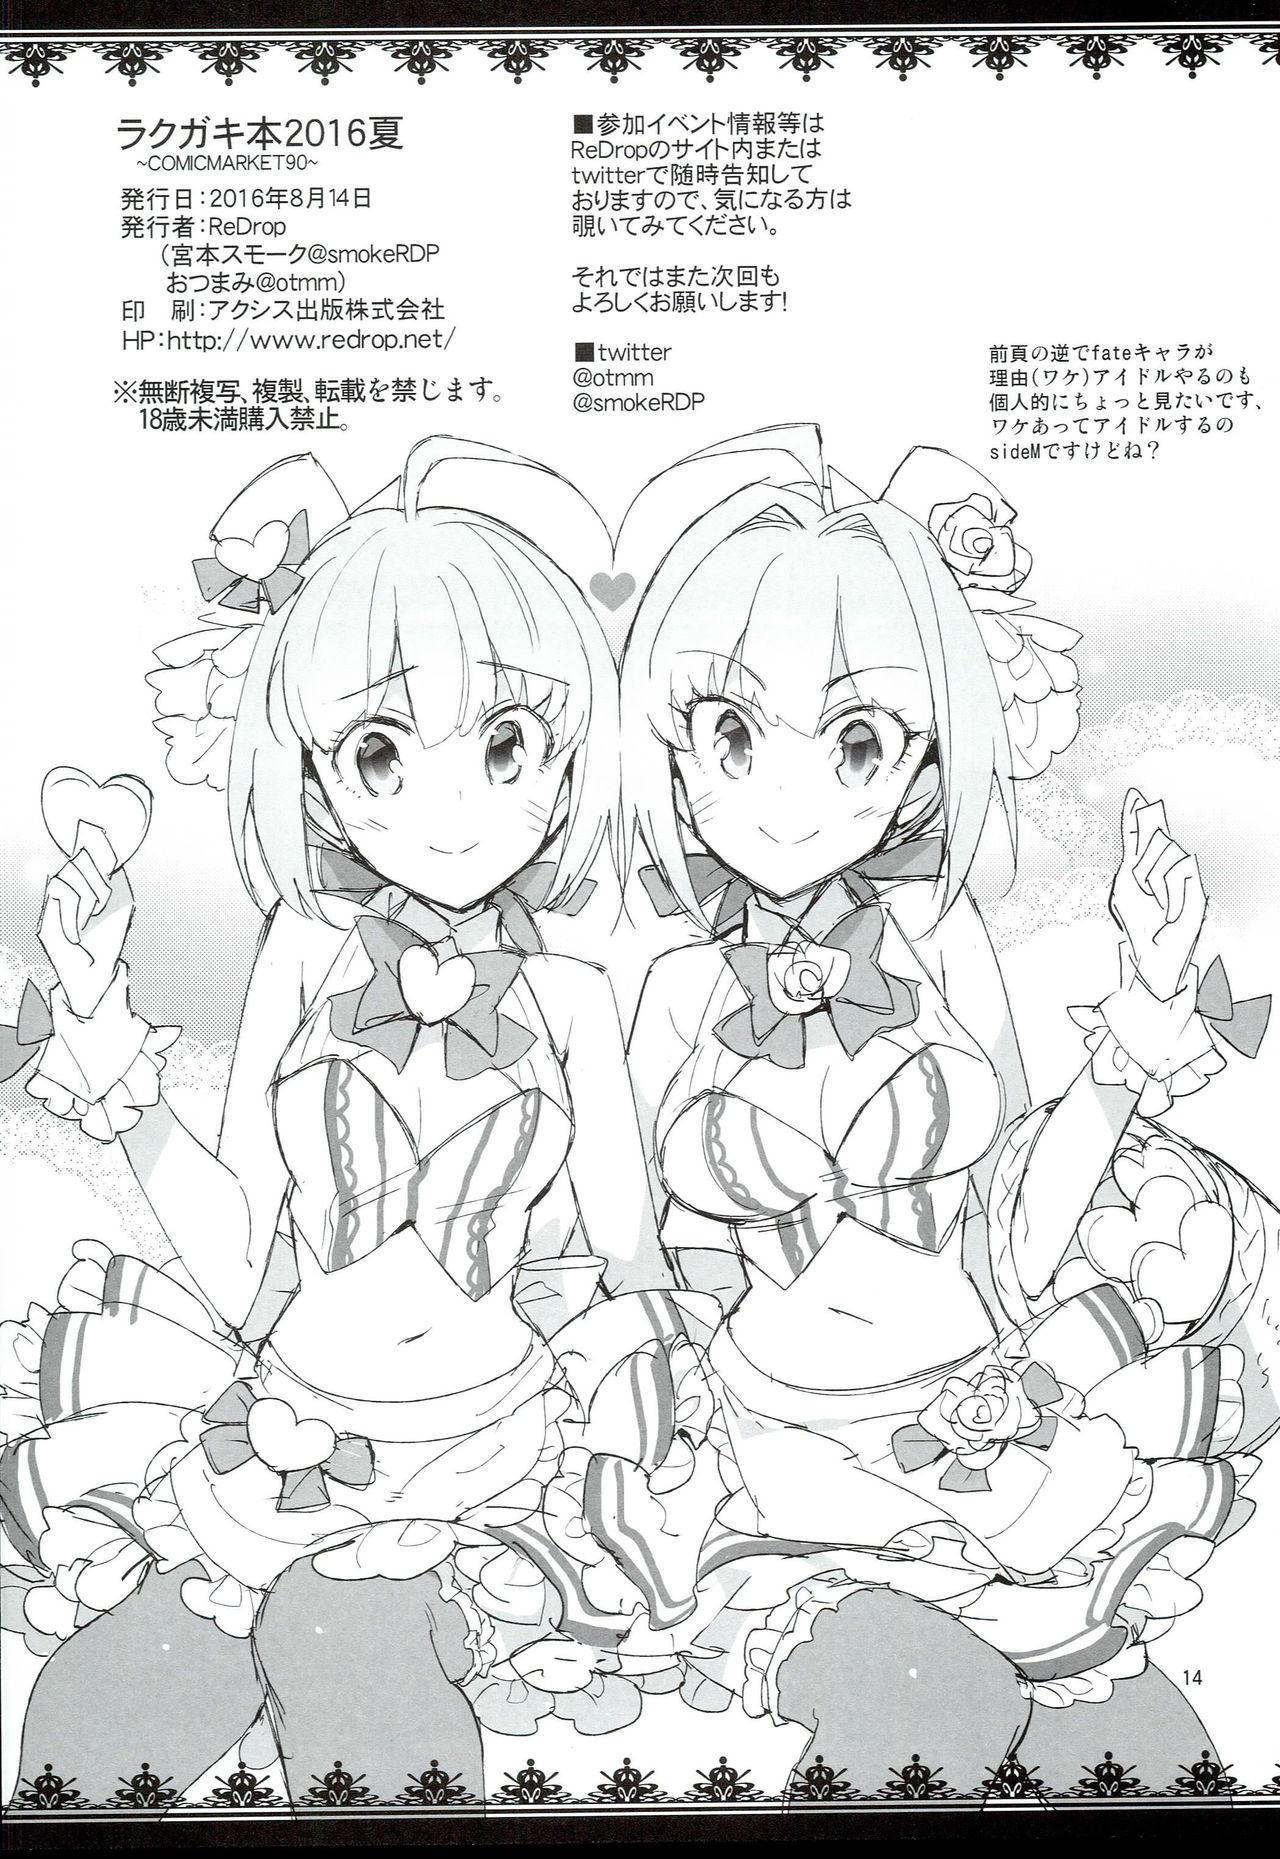 Rakugaki Bon 2016 Natsu 12